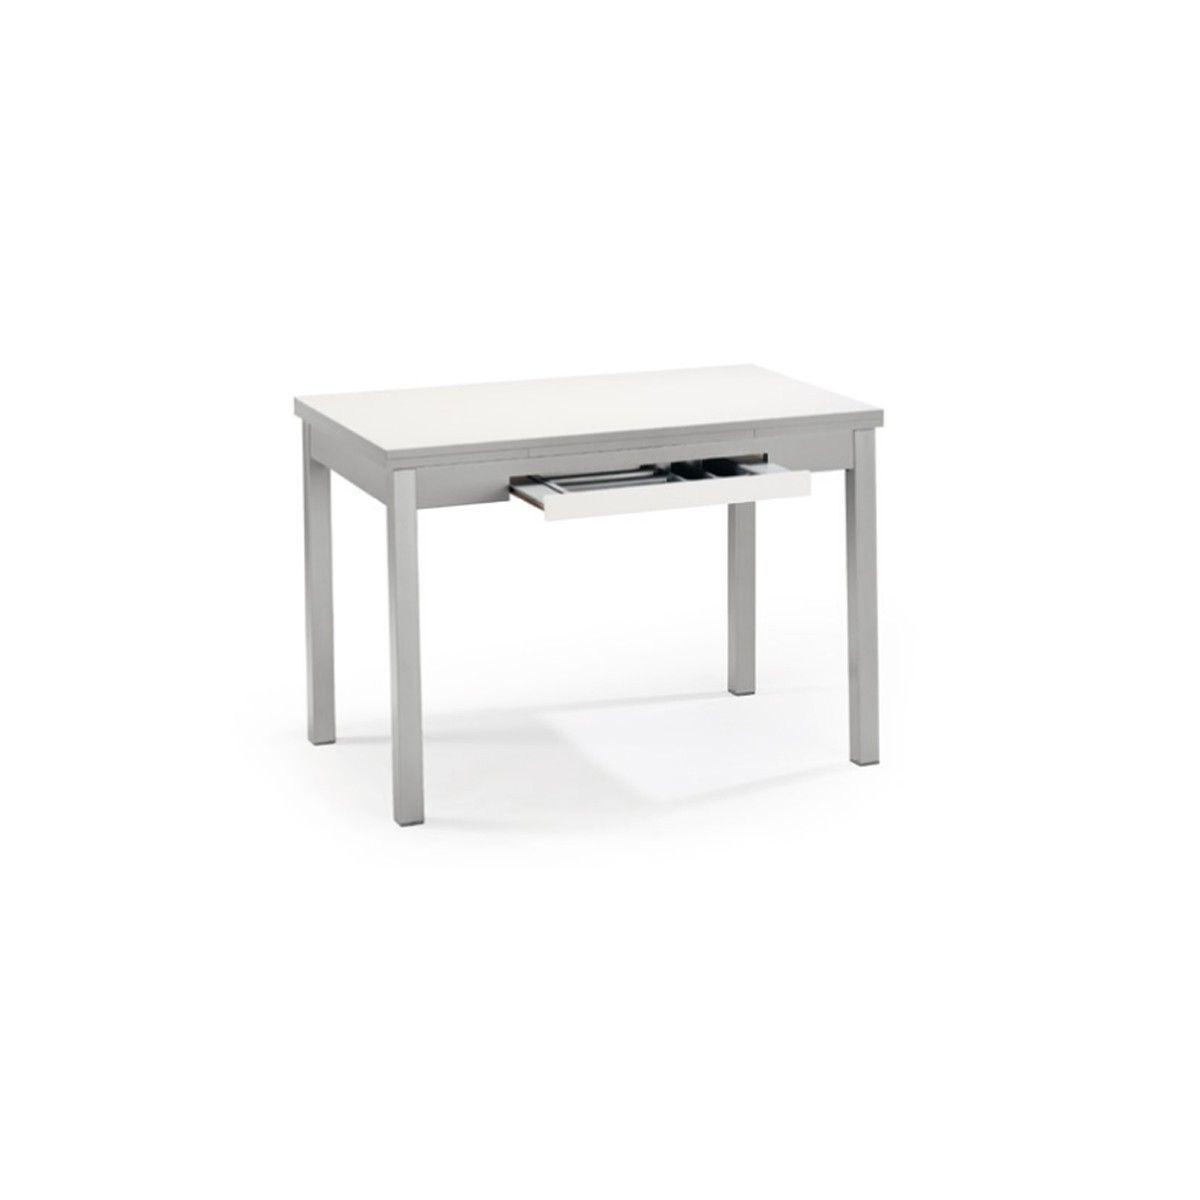 Mesa de cocina extensible MARTA| Mesa de cocina barata | fanmuebles